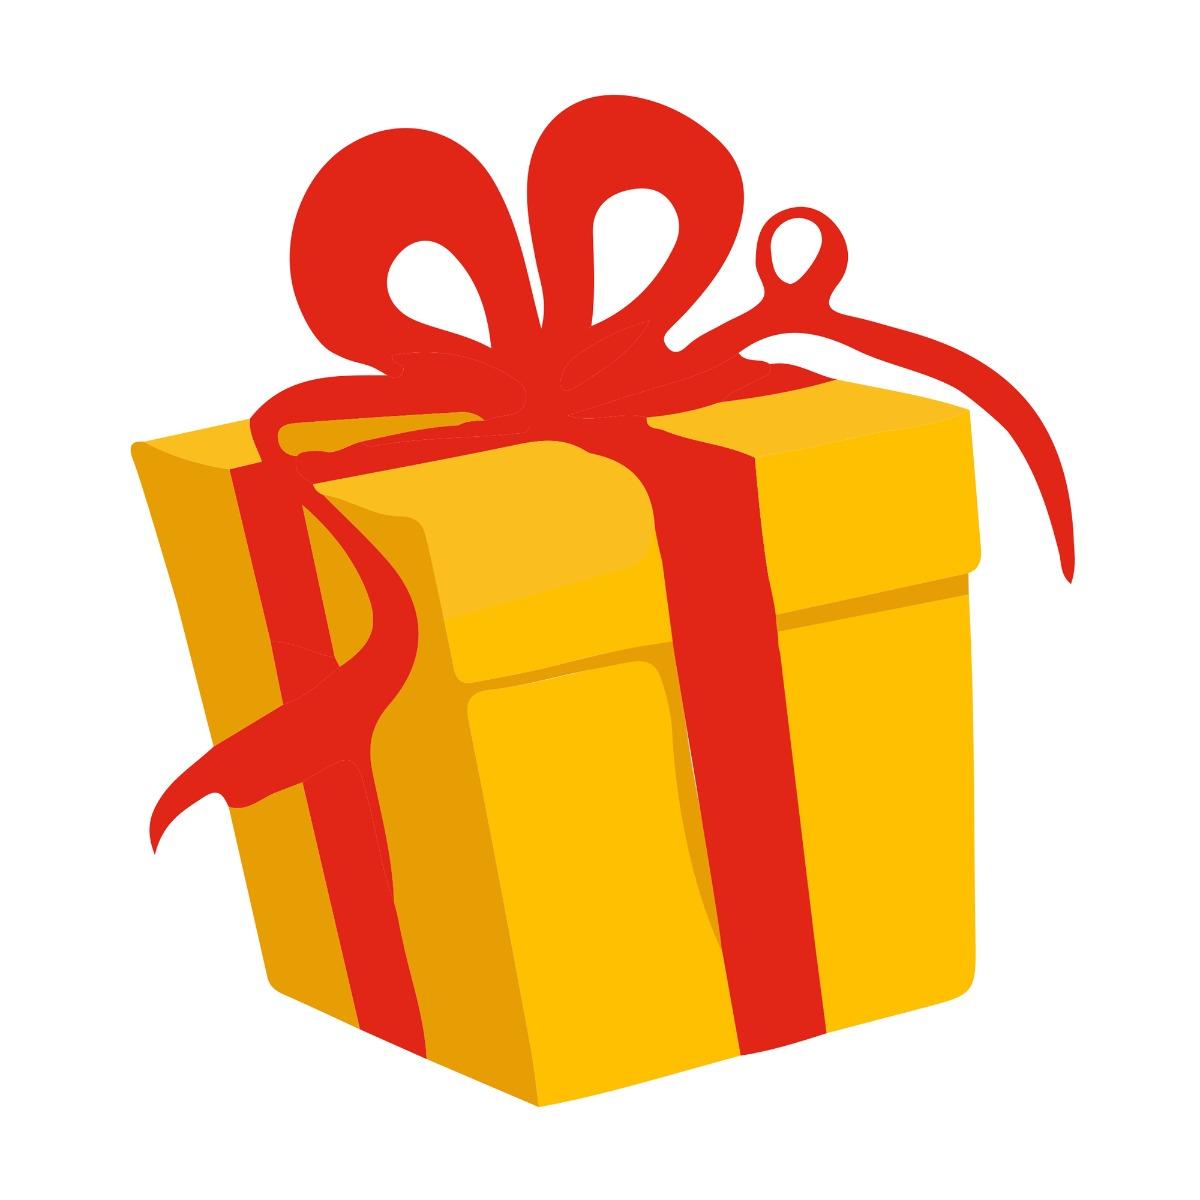 Подарунок! Крем для обличчя Ottie Soak Out Centella з центелою, низький pH, бар'єрный, 1 мл